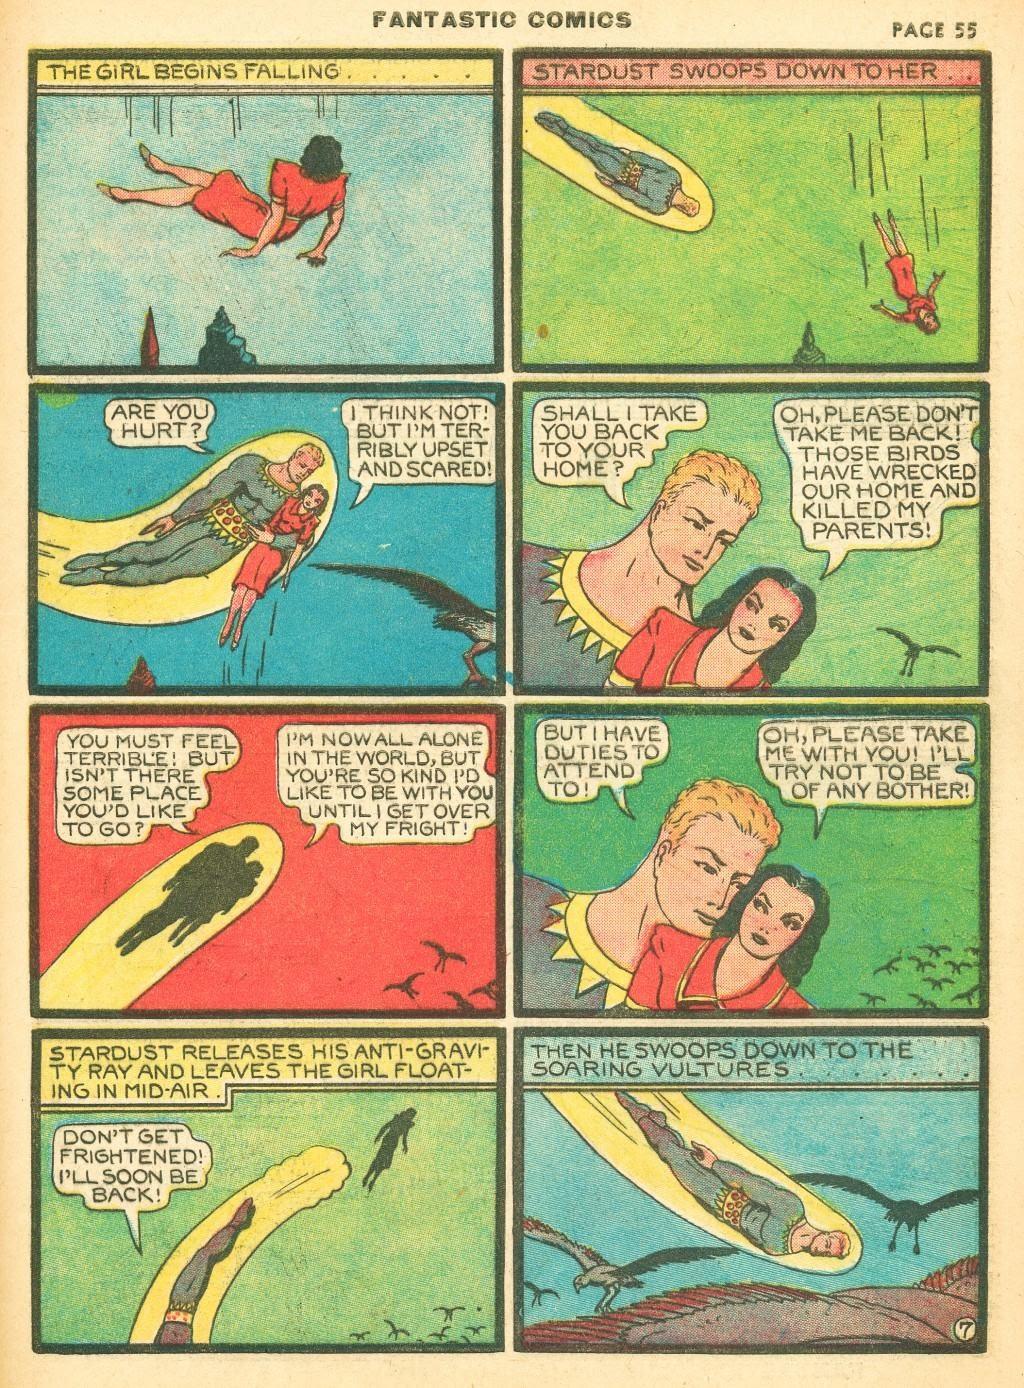 Read online Fantastic Comics comic -  Issue #12 - 57